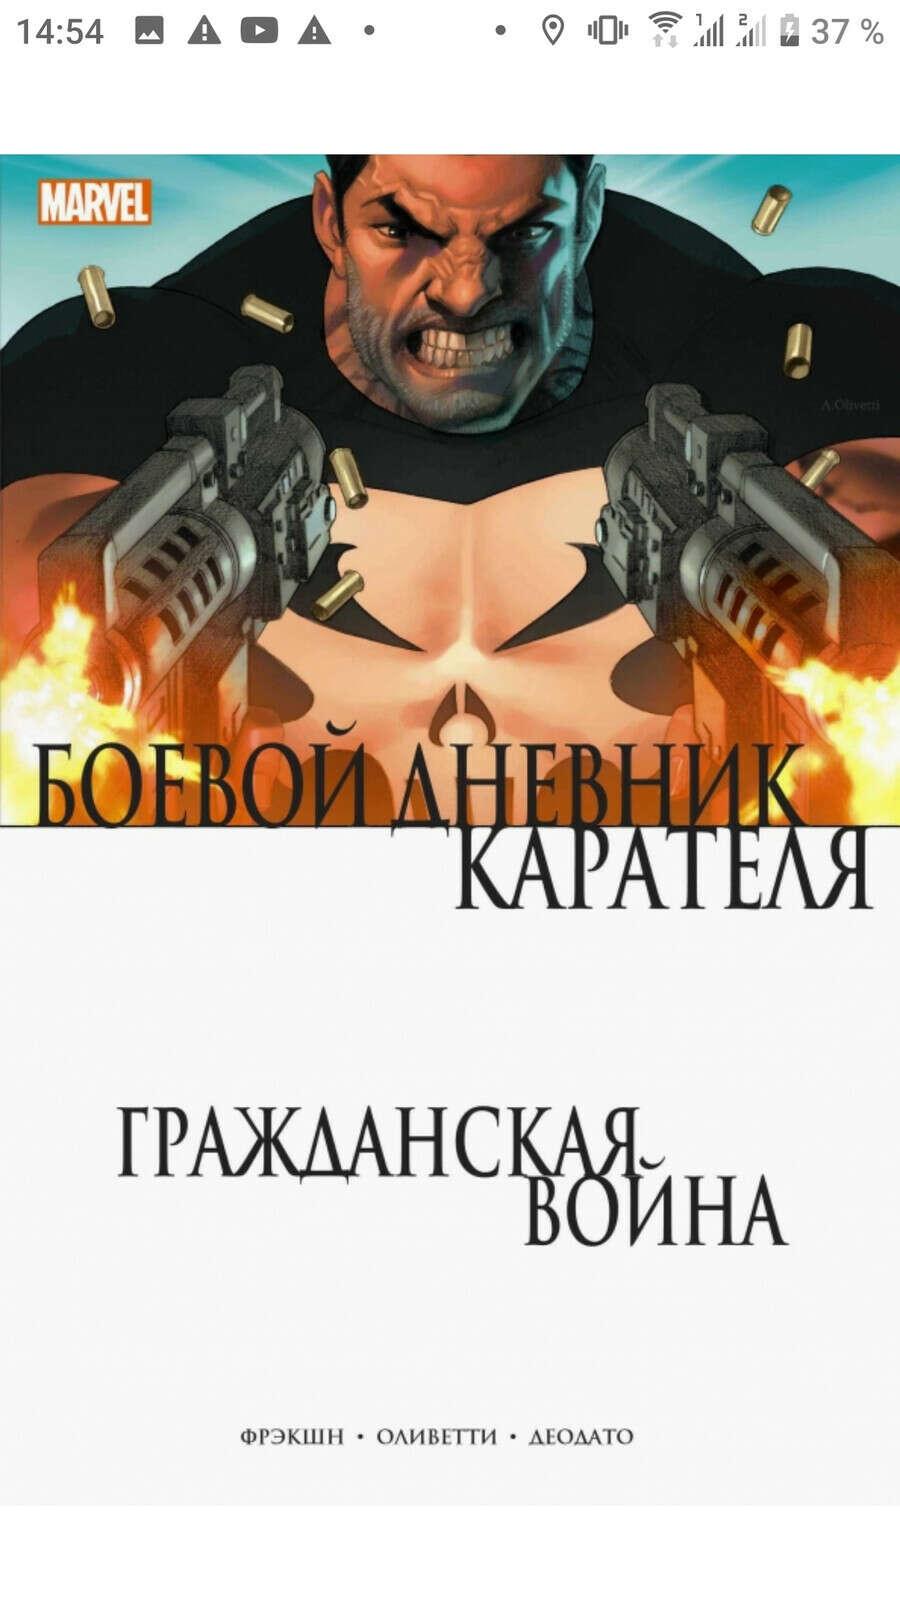 Боевой дневник Карателя